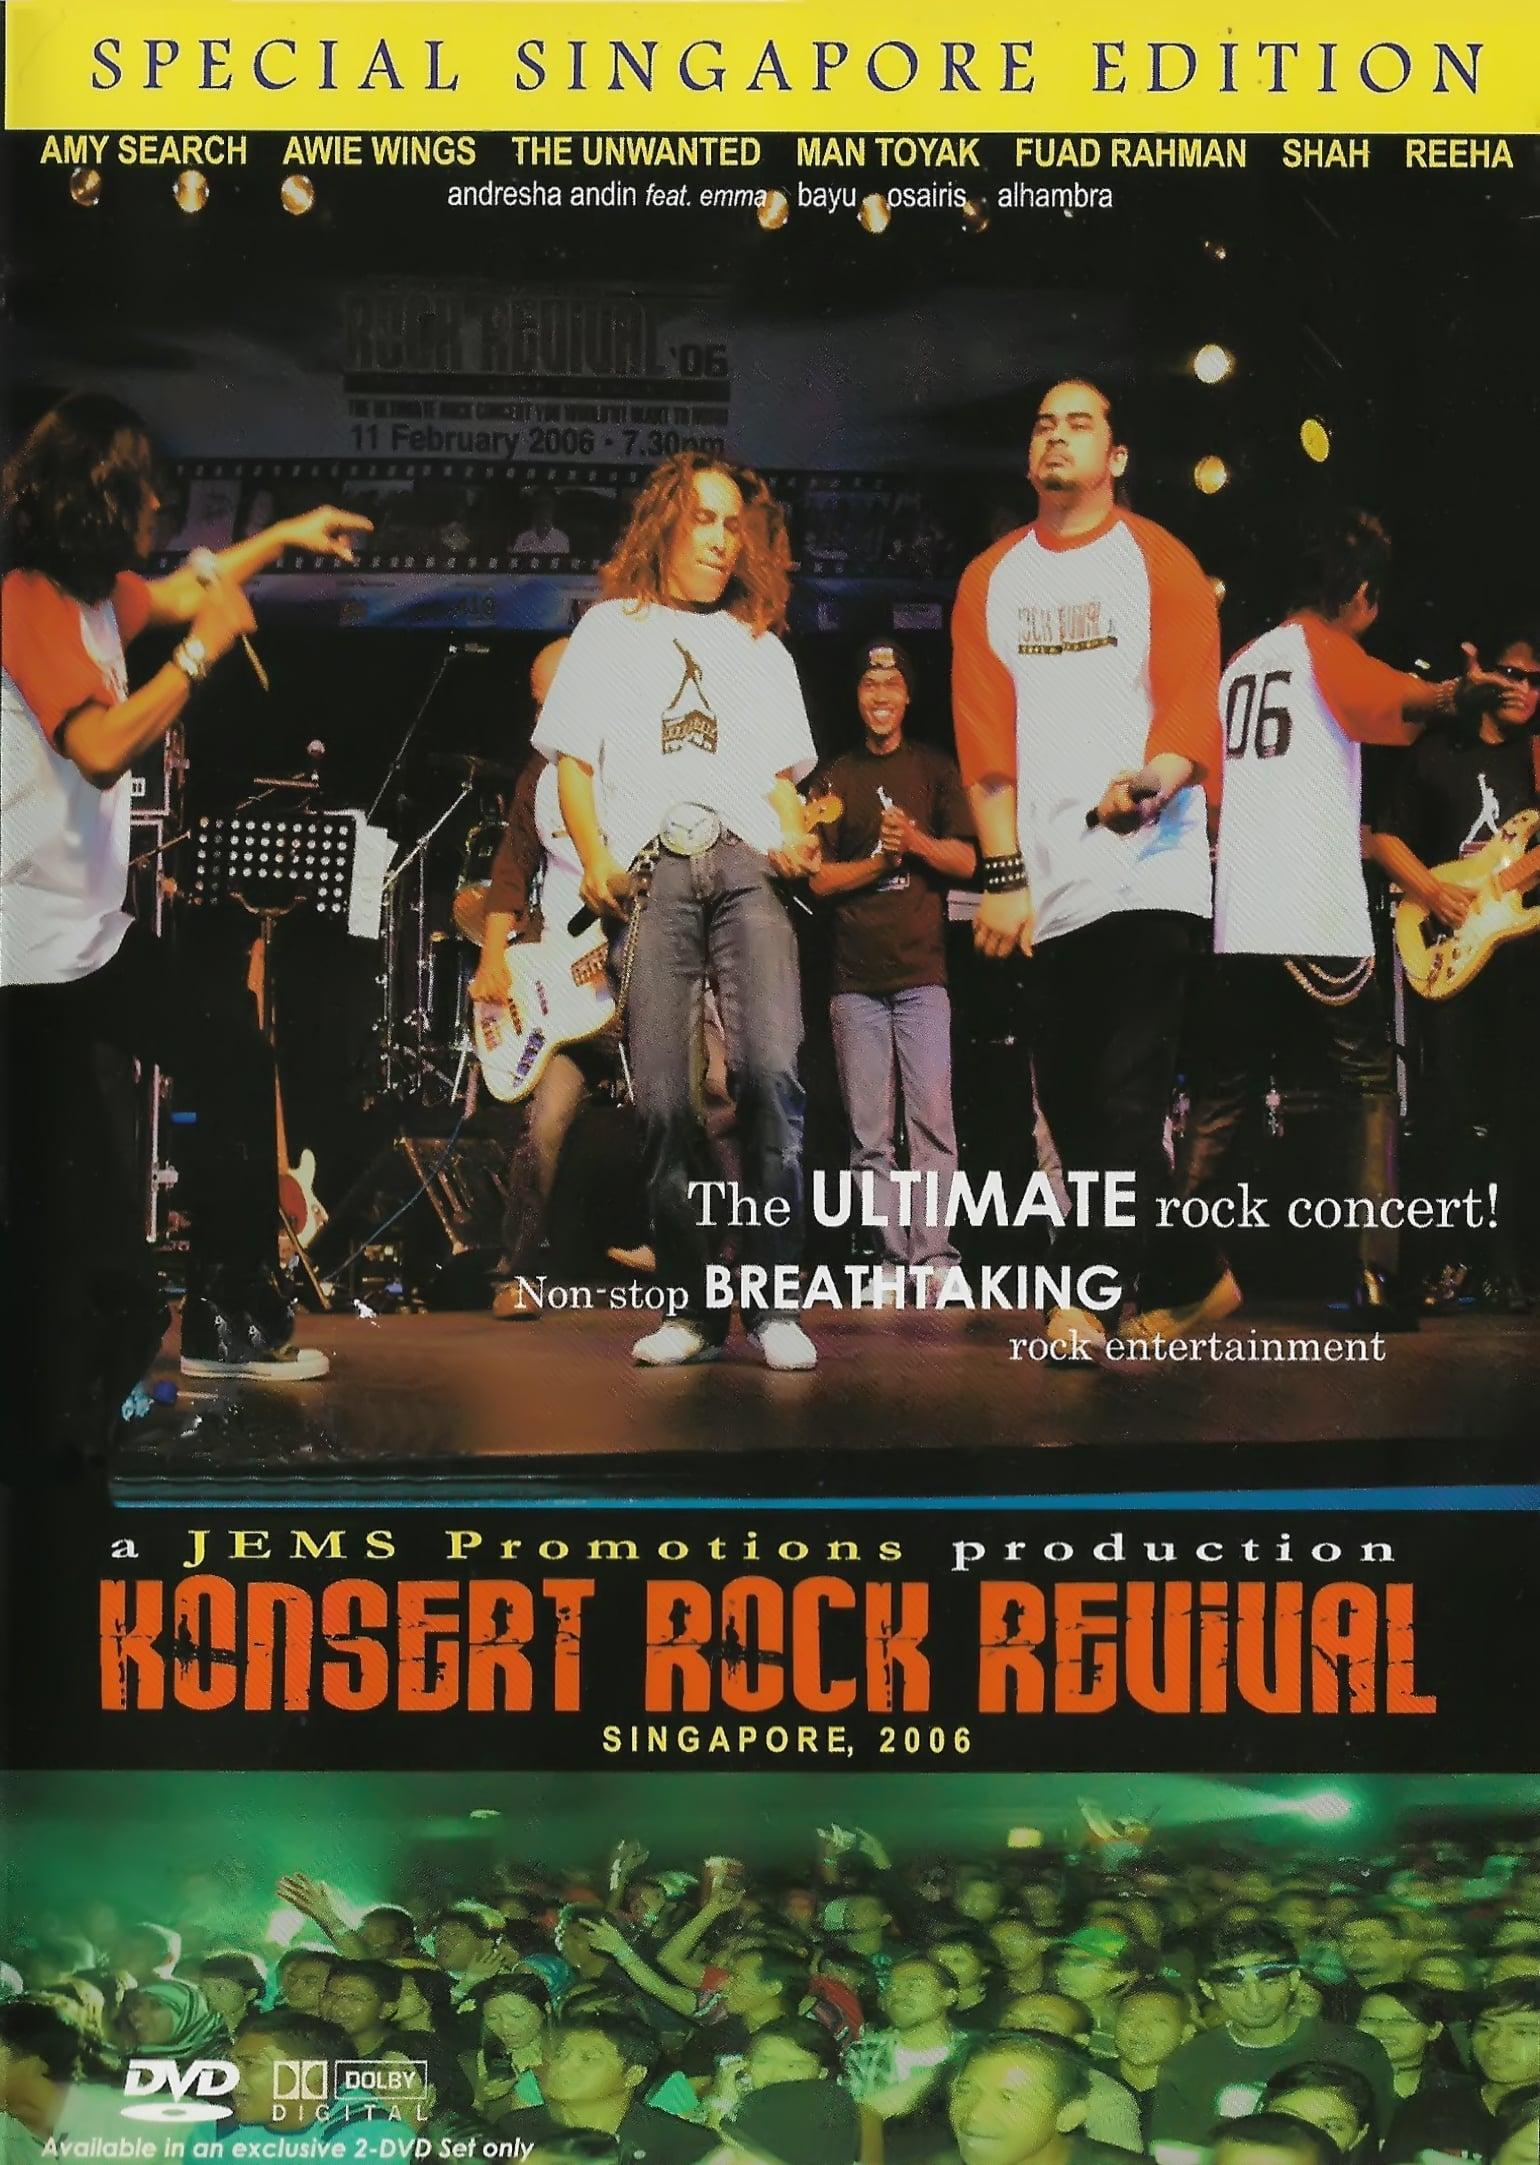 KONSERT ROCK REVIVAL 2006 (2006)